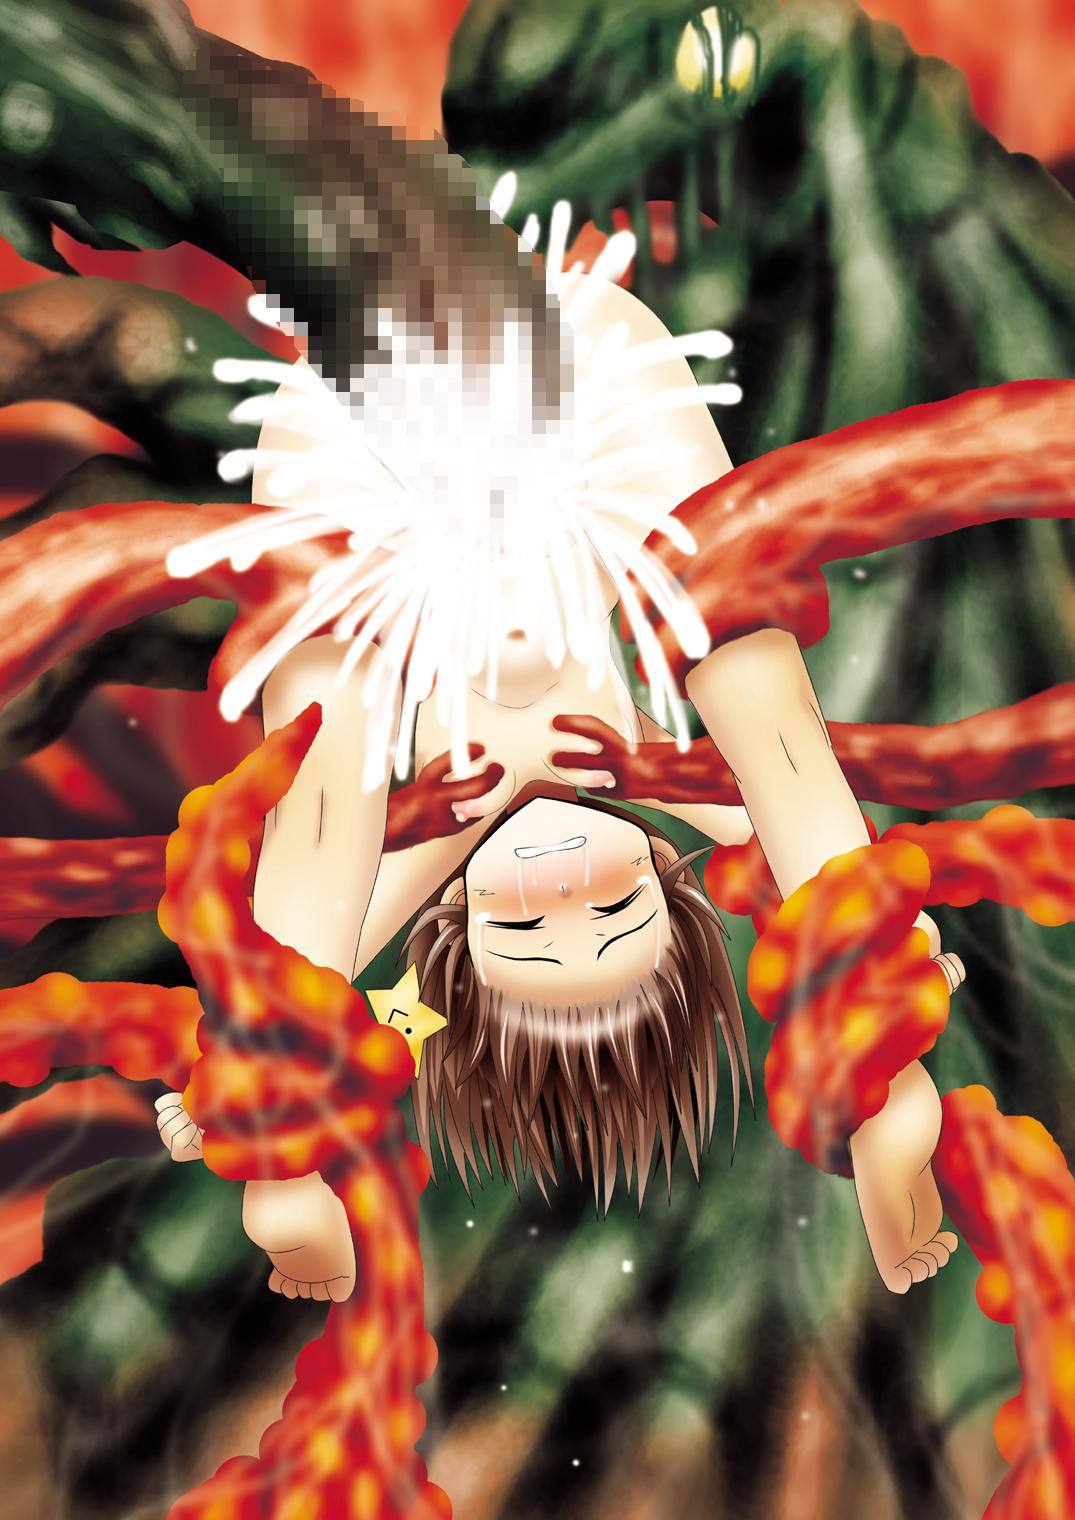 [Dende] Fushigi Sekai -Mystery World- Nonoha 5 ~Jokuma no Kyouniku no Tainai Shinshoku~ 120